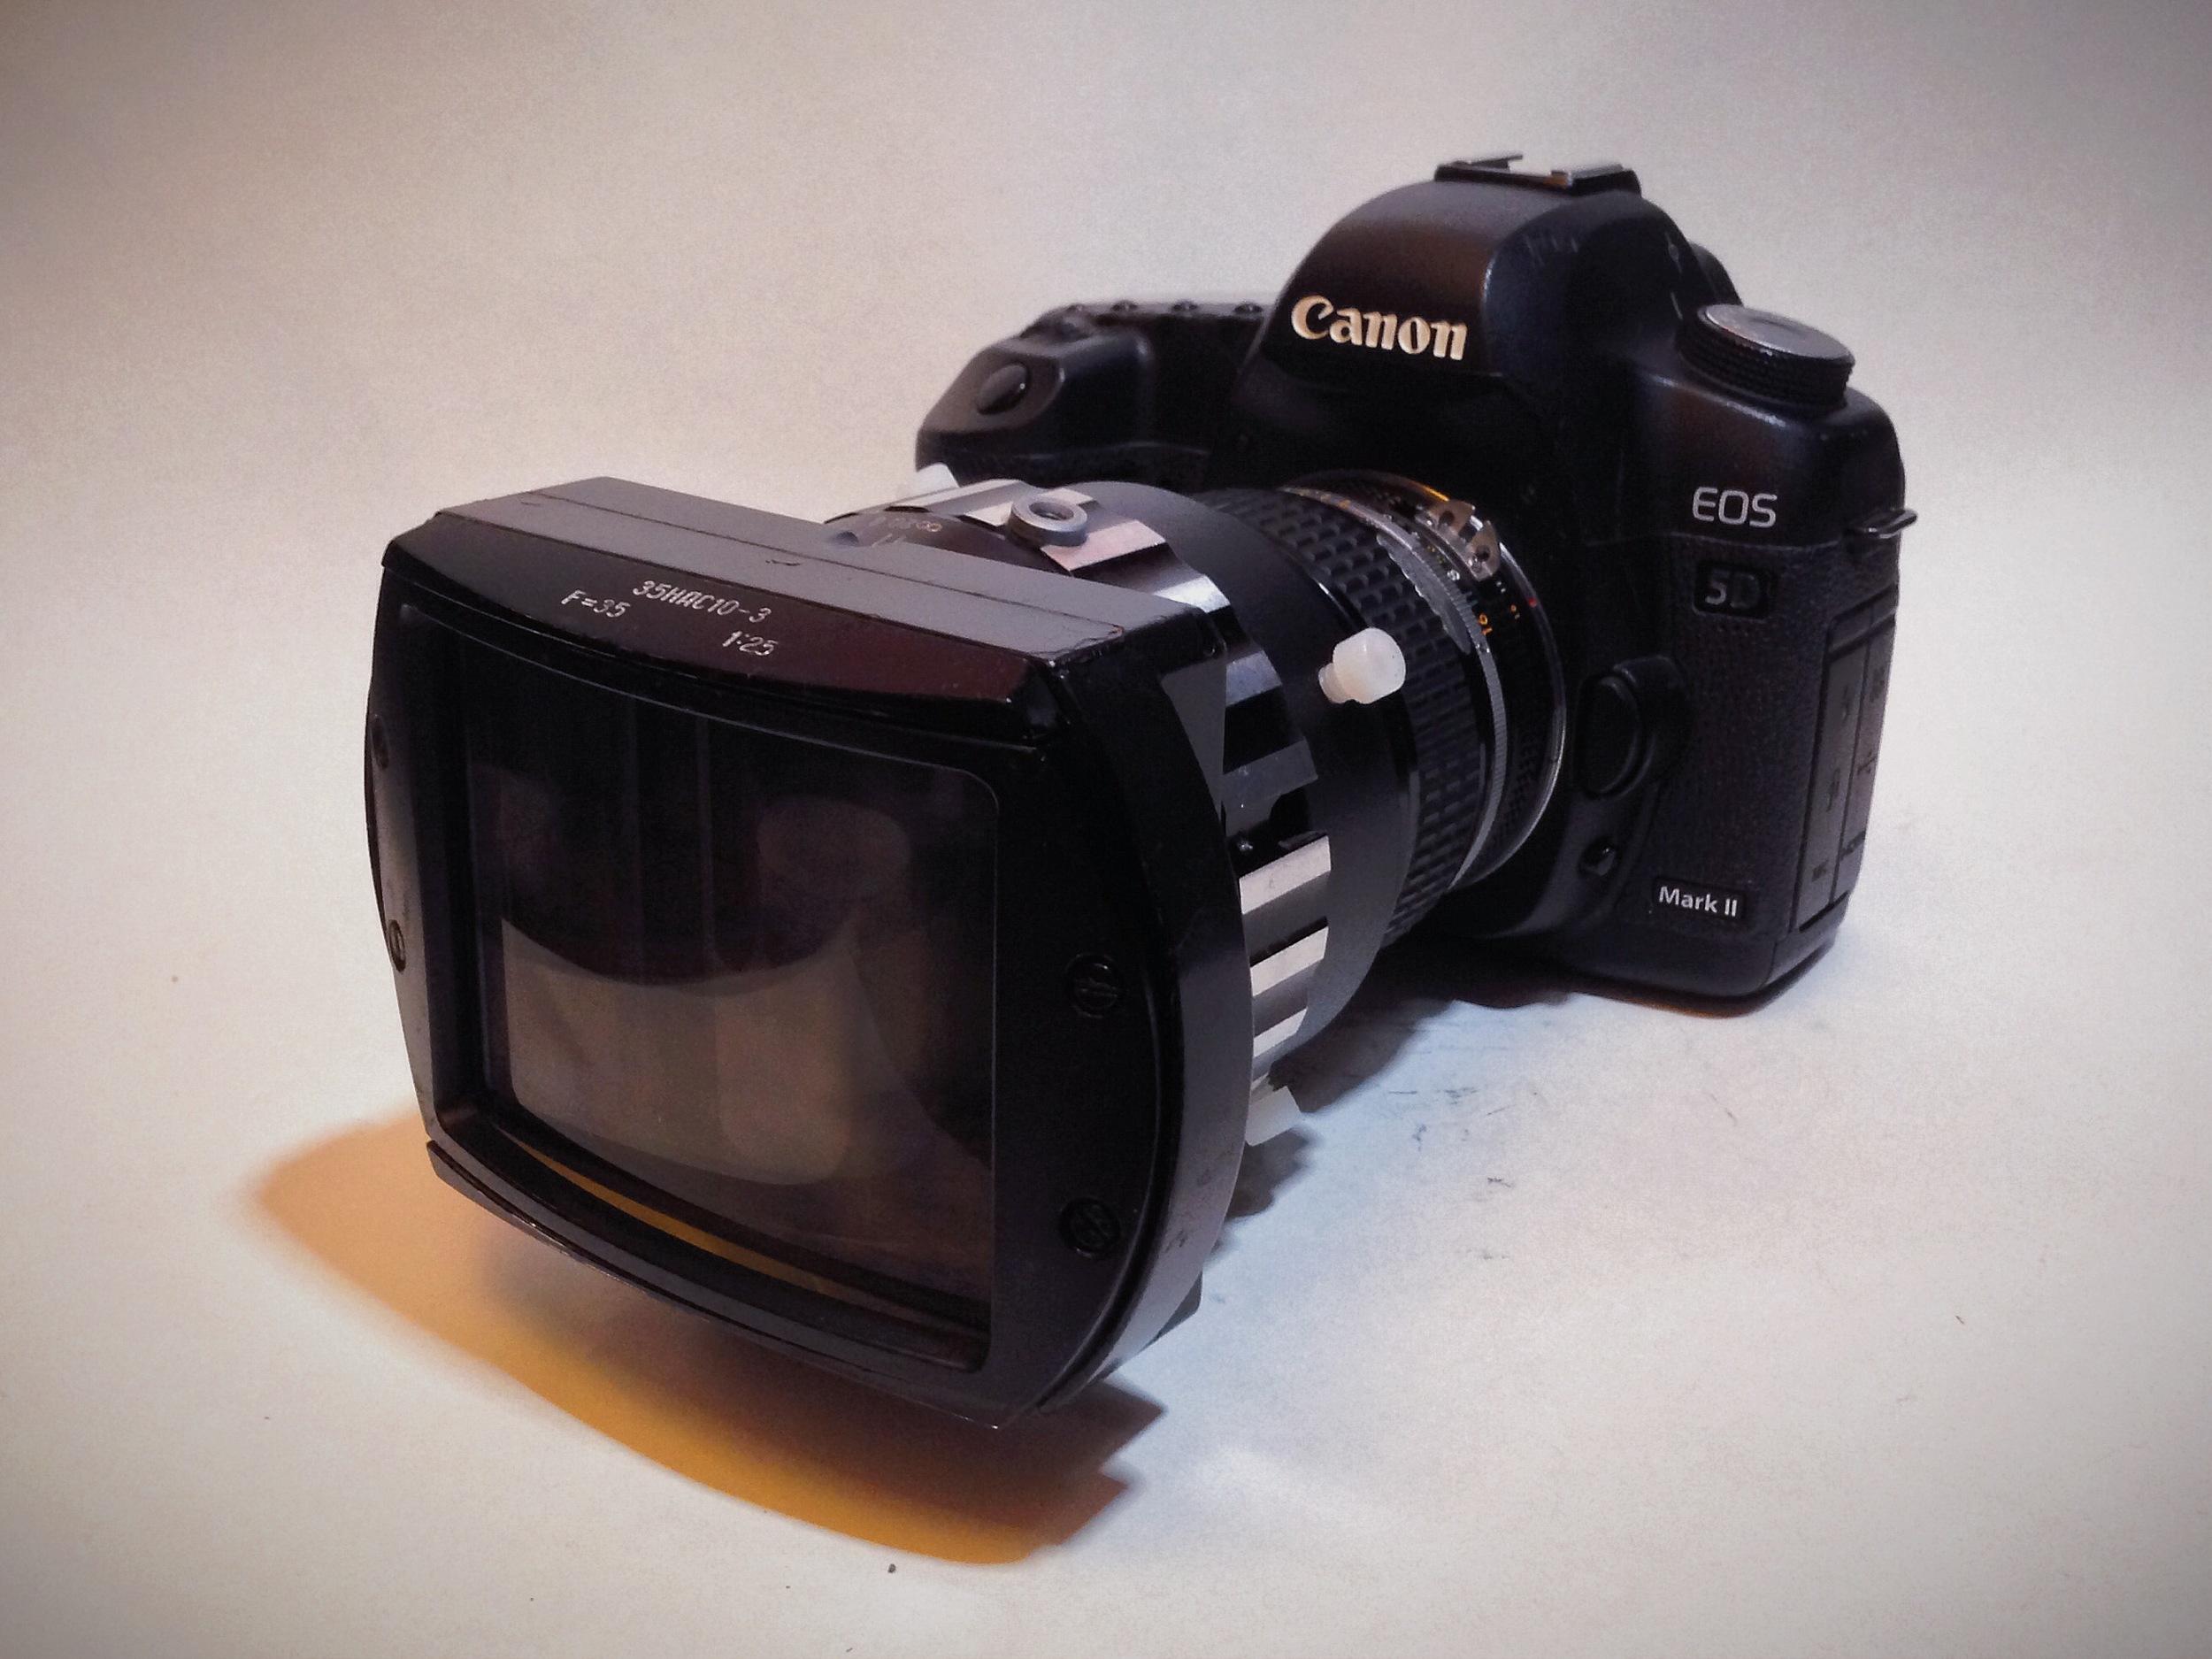 Lomo Anamorphic Attachmentwith 85mm Nikon f2.0 on the Canon 5D